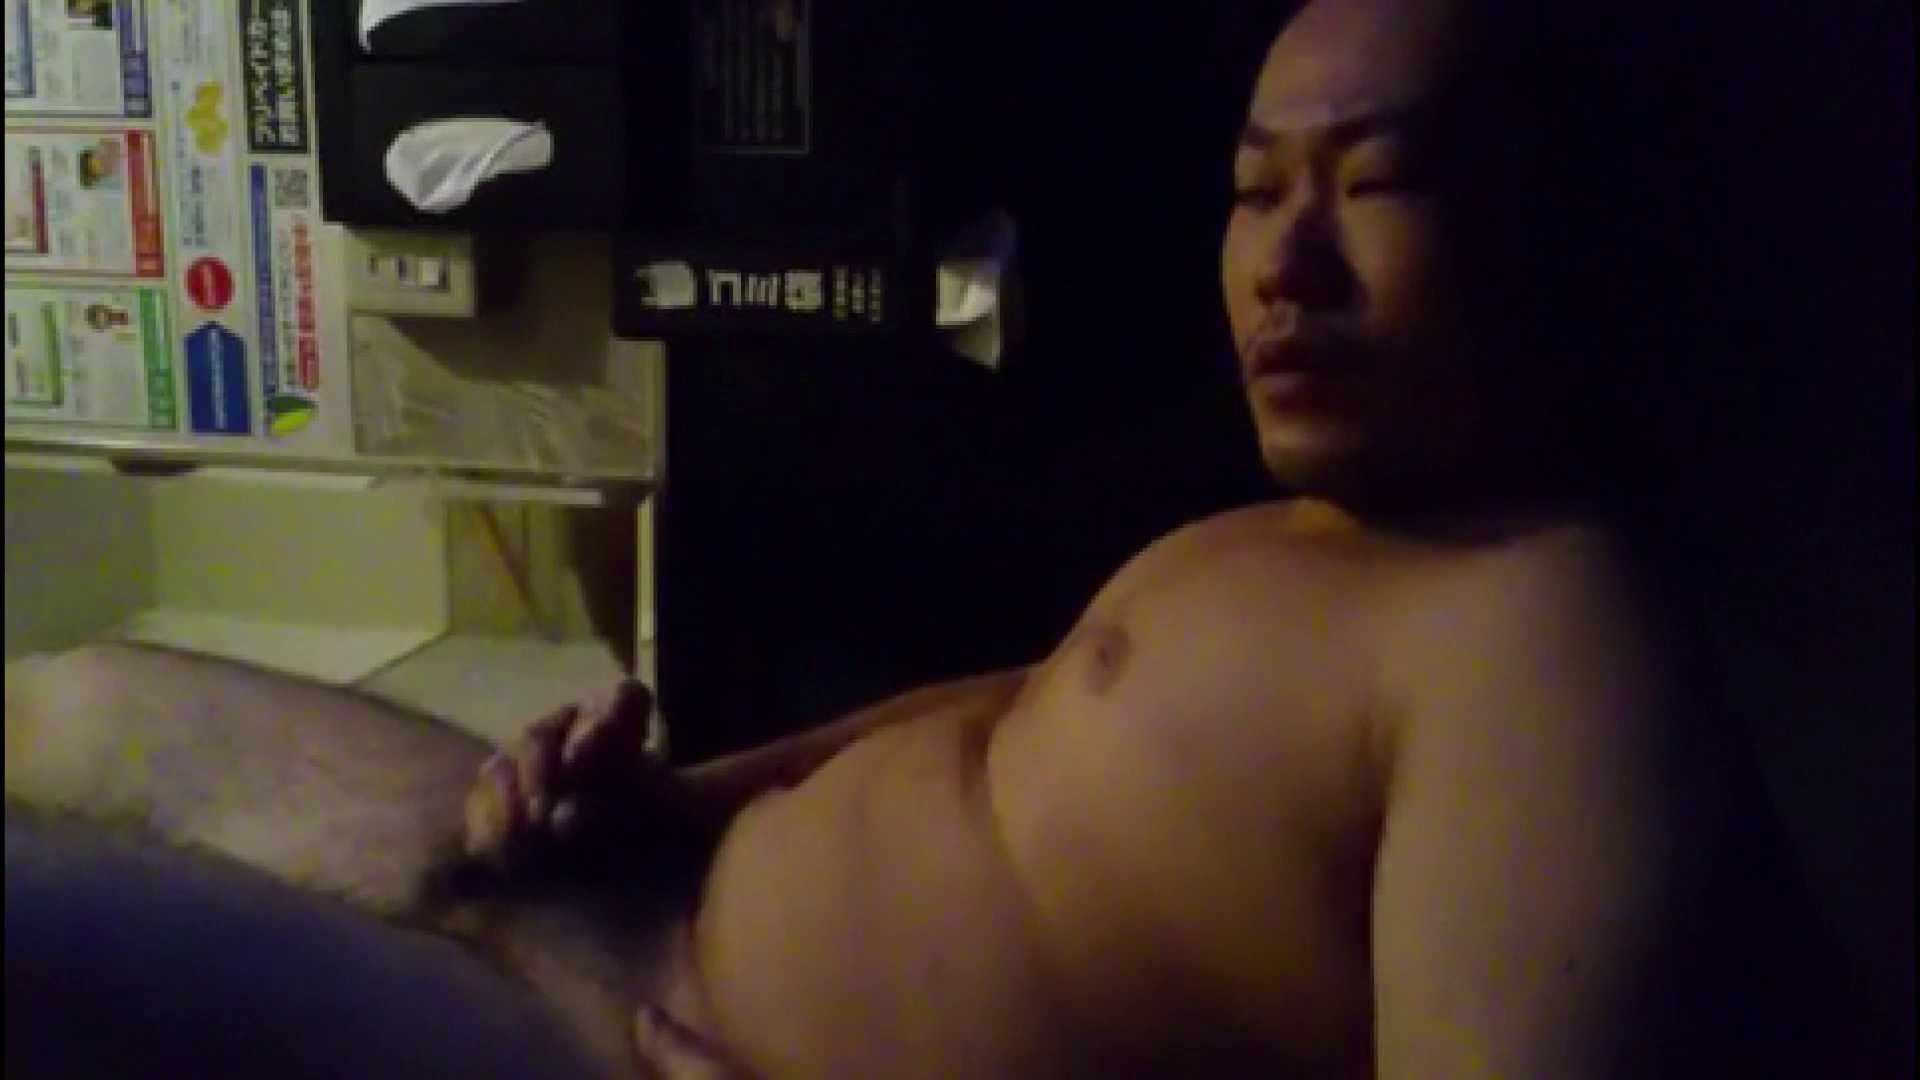 個人撮影 自慰の極意 Vol.24 無修正 ゲイセックス画像 59pic 32